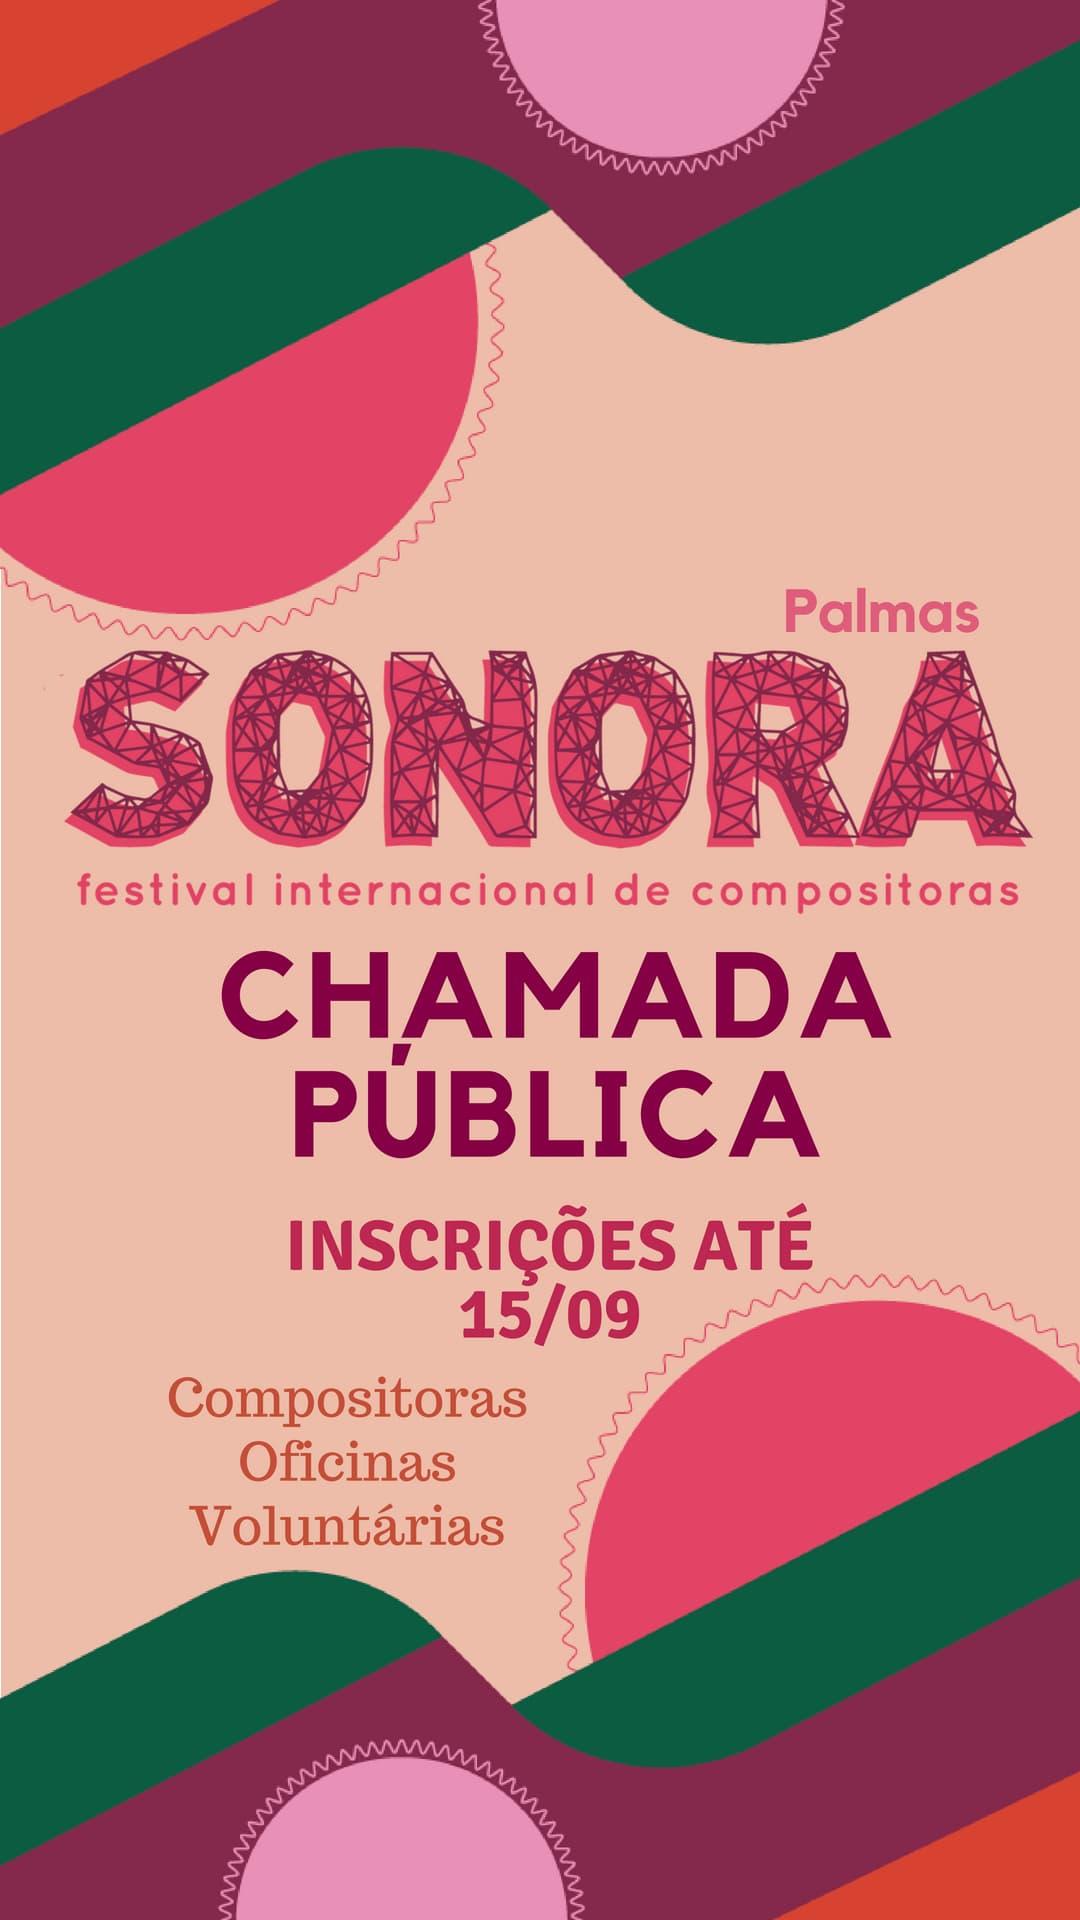 O Sonora • Festival Internacional de Compositoras • Palmas prorroga o prazo de inscrições para compositoras, oficinas e voluntárias.